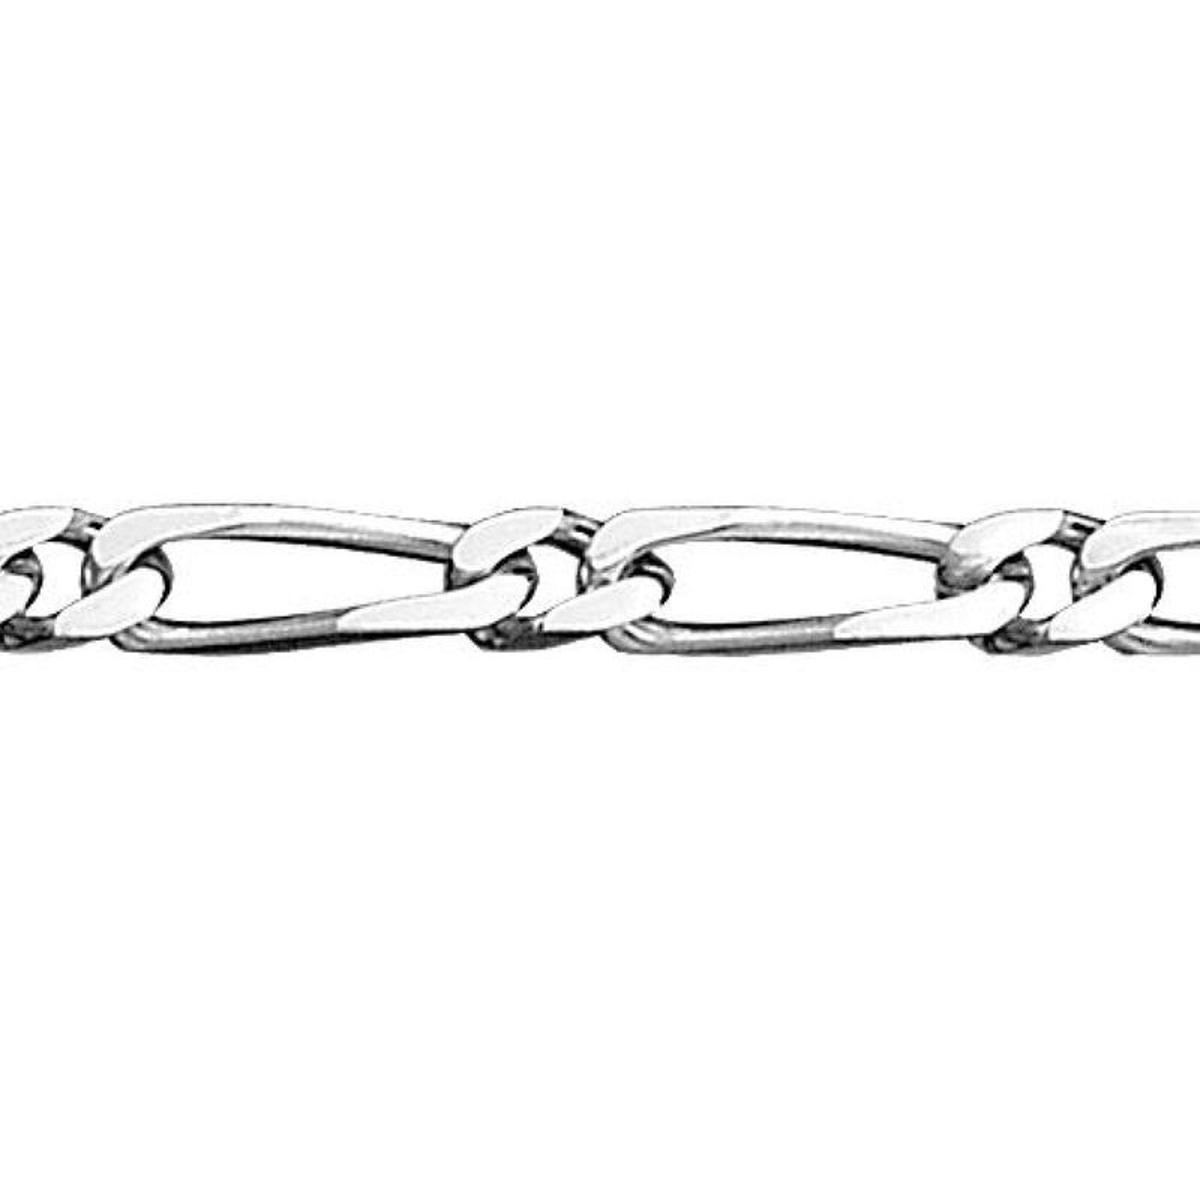 Bracelet 21 cm Maille 1 + 1 Largeur 5 mm Argent 925